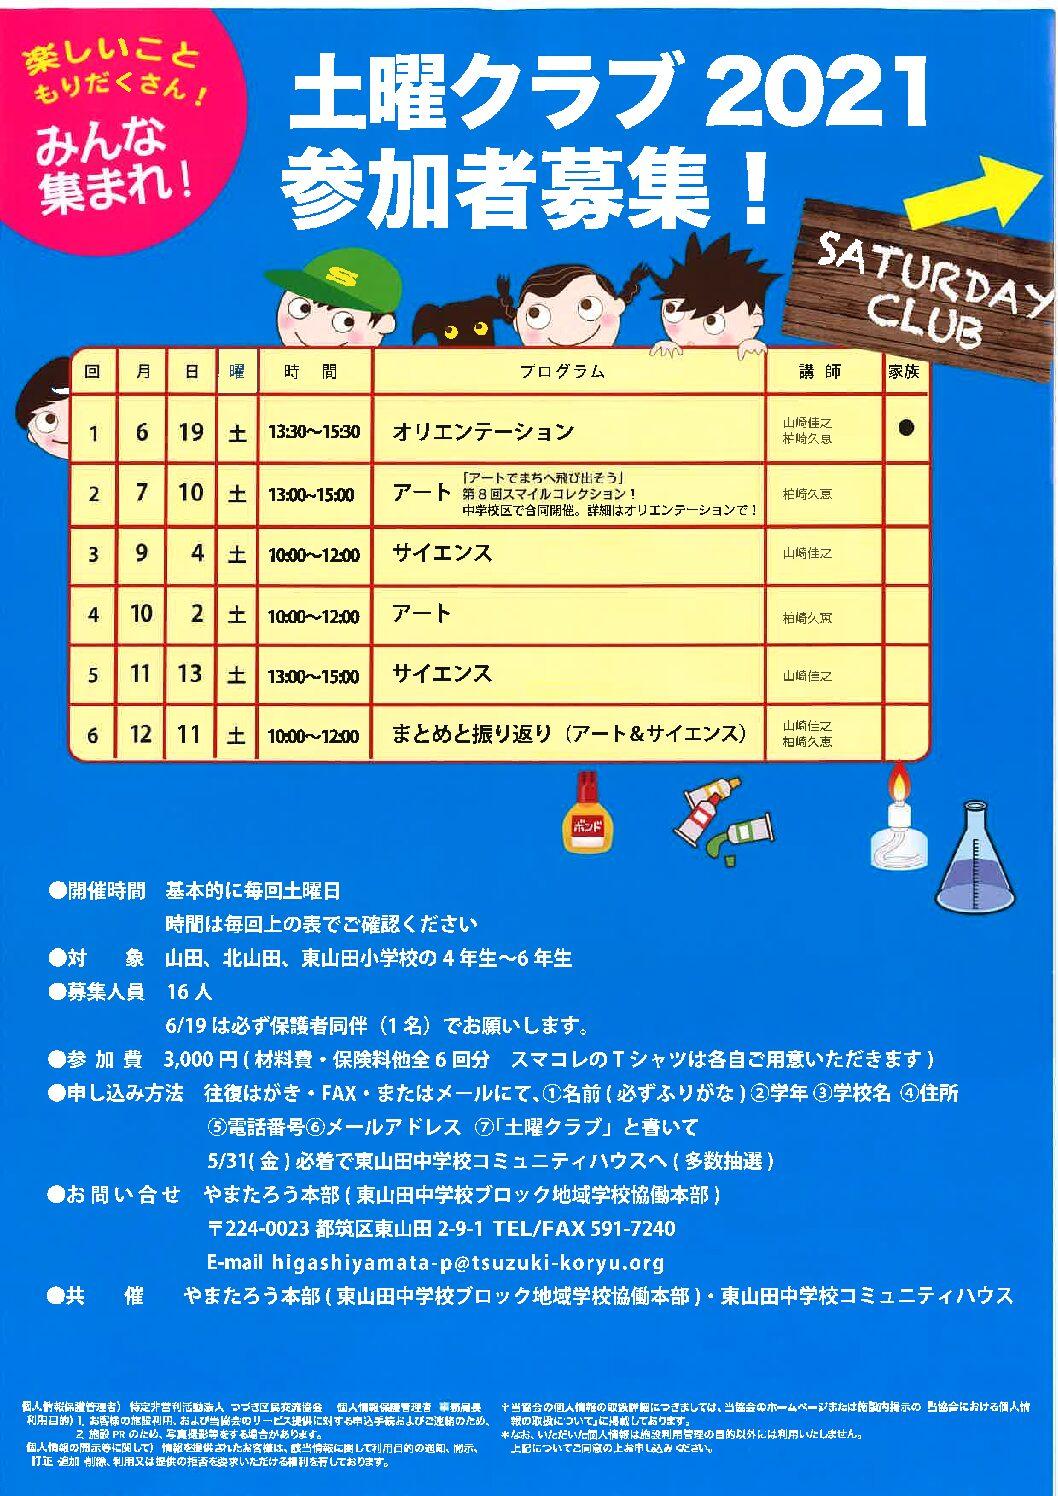 【小学生向け】土曜クラブ2021参加者募集します!